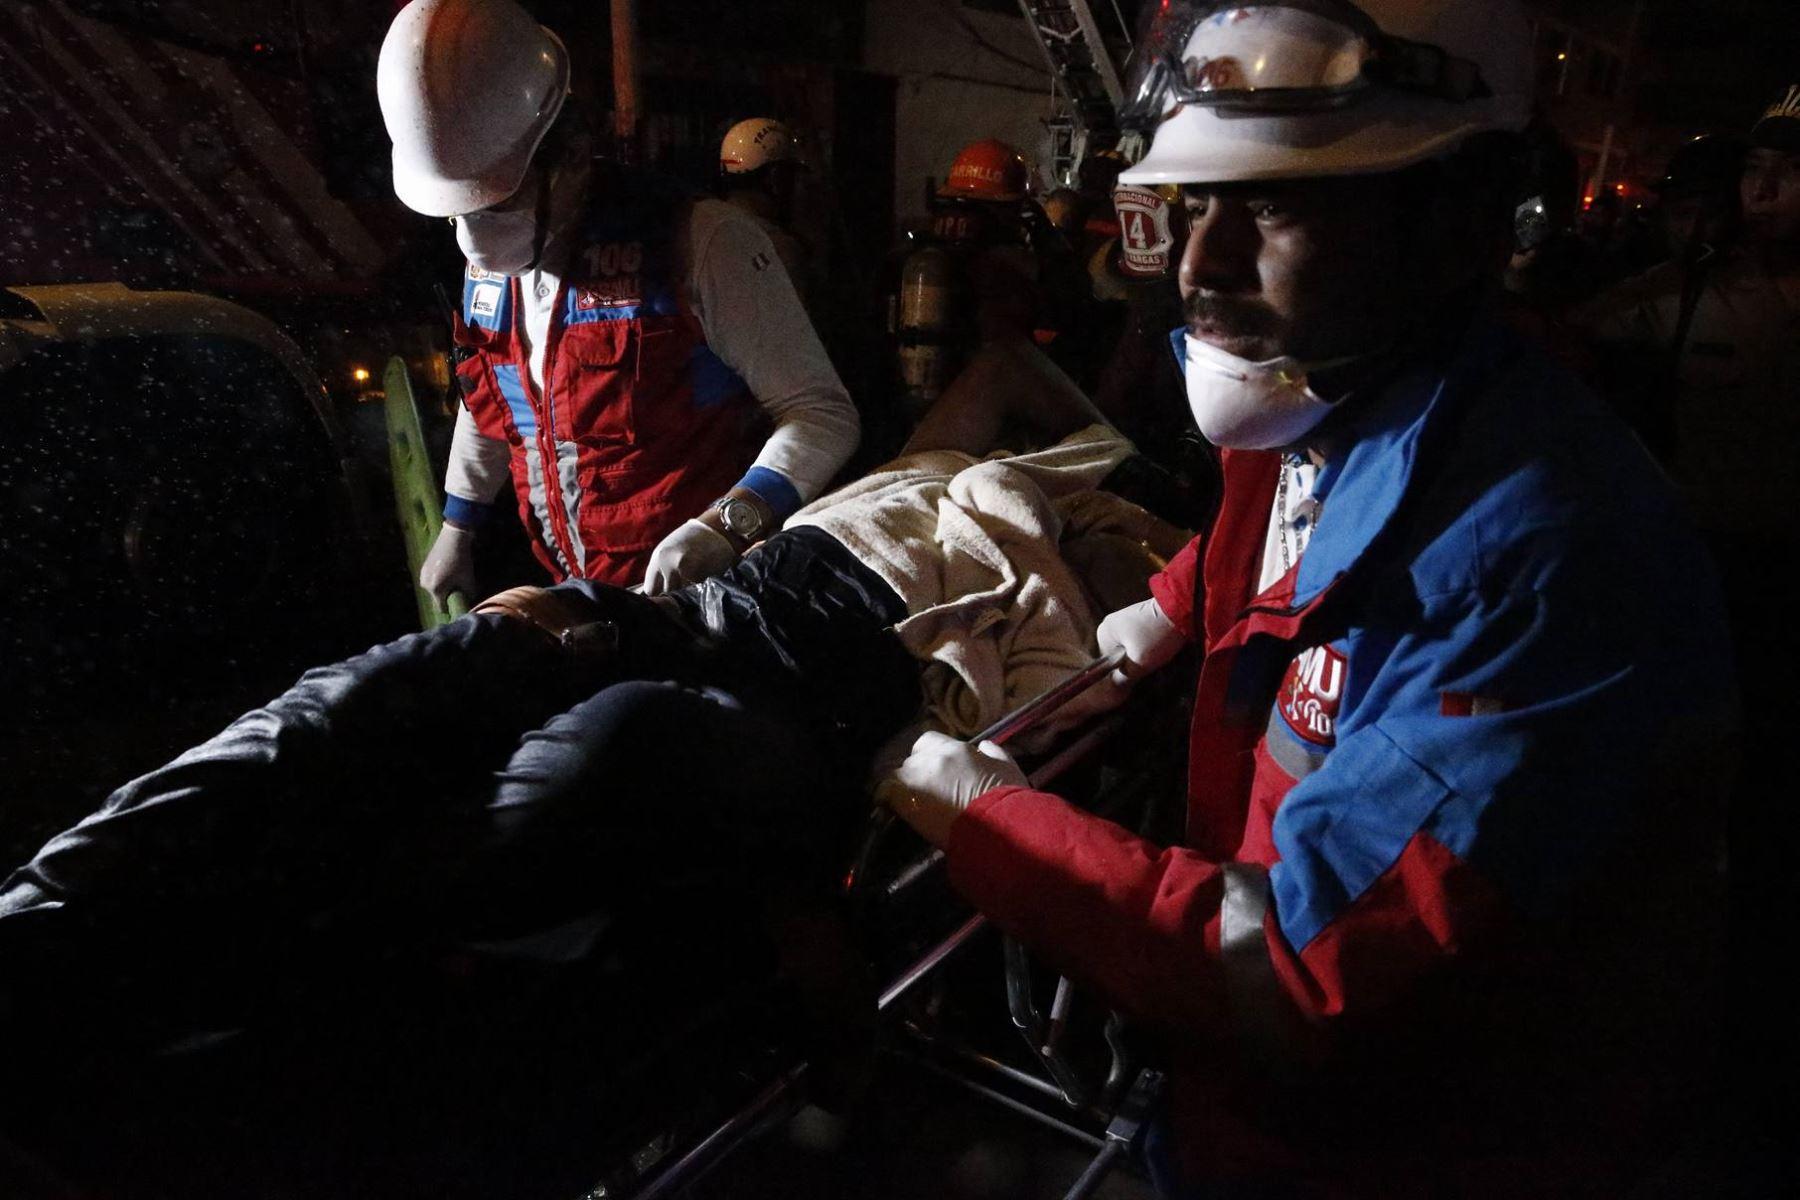 Más de 14 unidades del Cuerpo General de Bomberos intentan controlar el incendio de grandes proporciones ,donde funcionan almacenes de productos sintéticos y de cuero destinados a la zapatería en el Rimac.Foto: ANDINA/Eddy Ramos